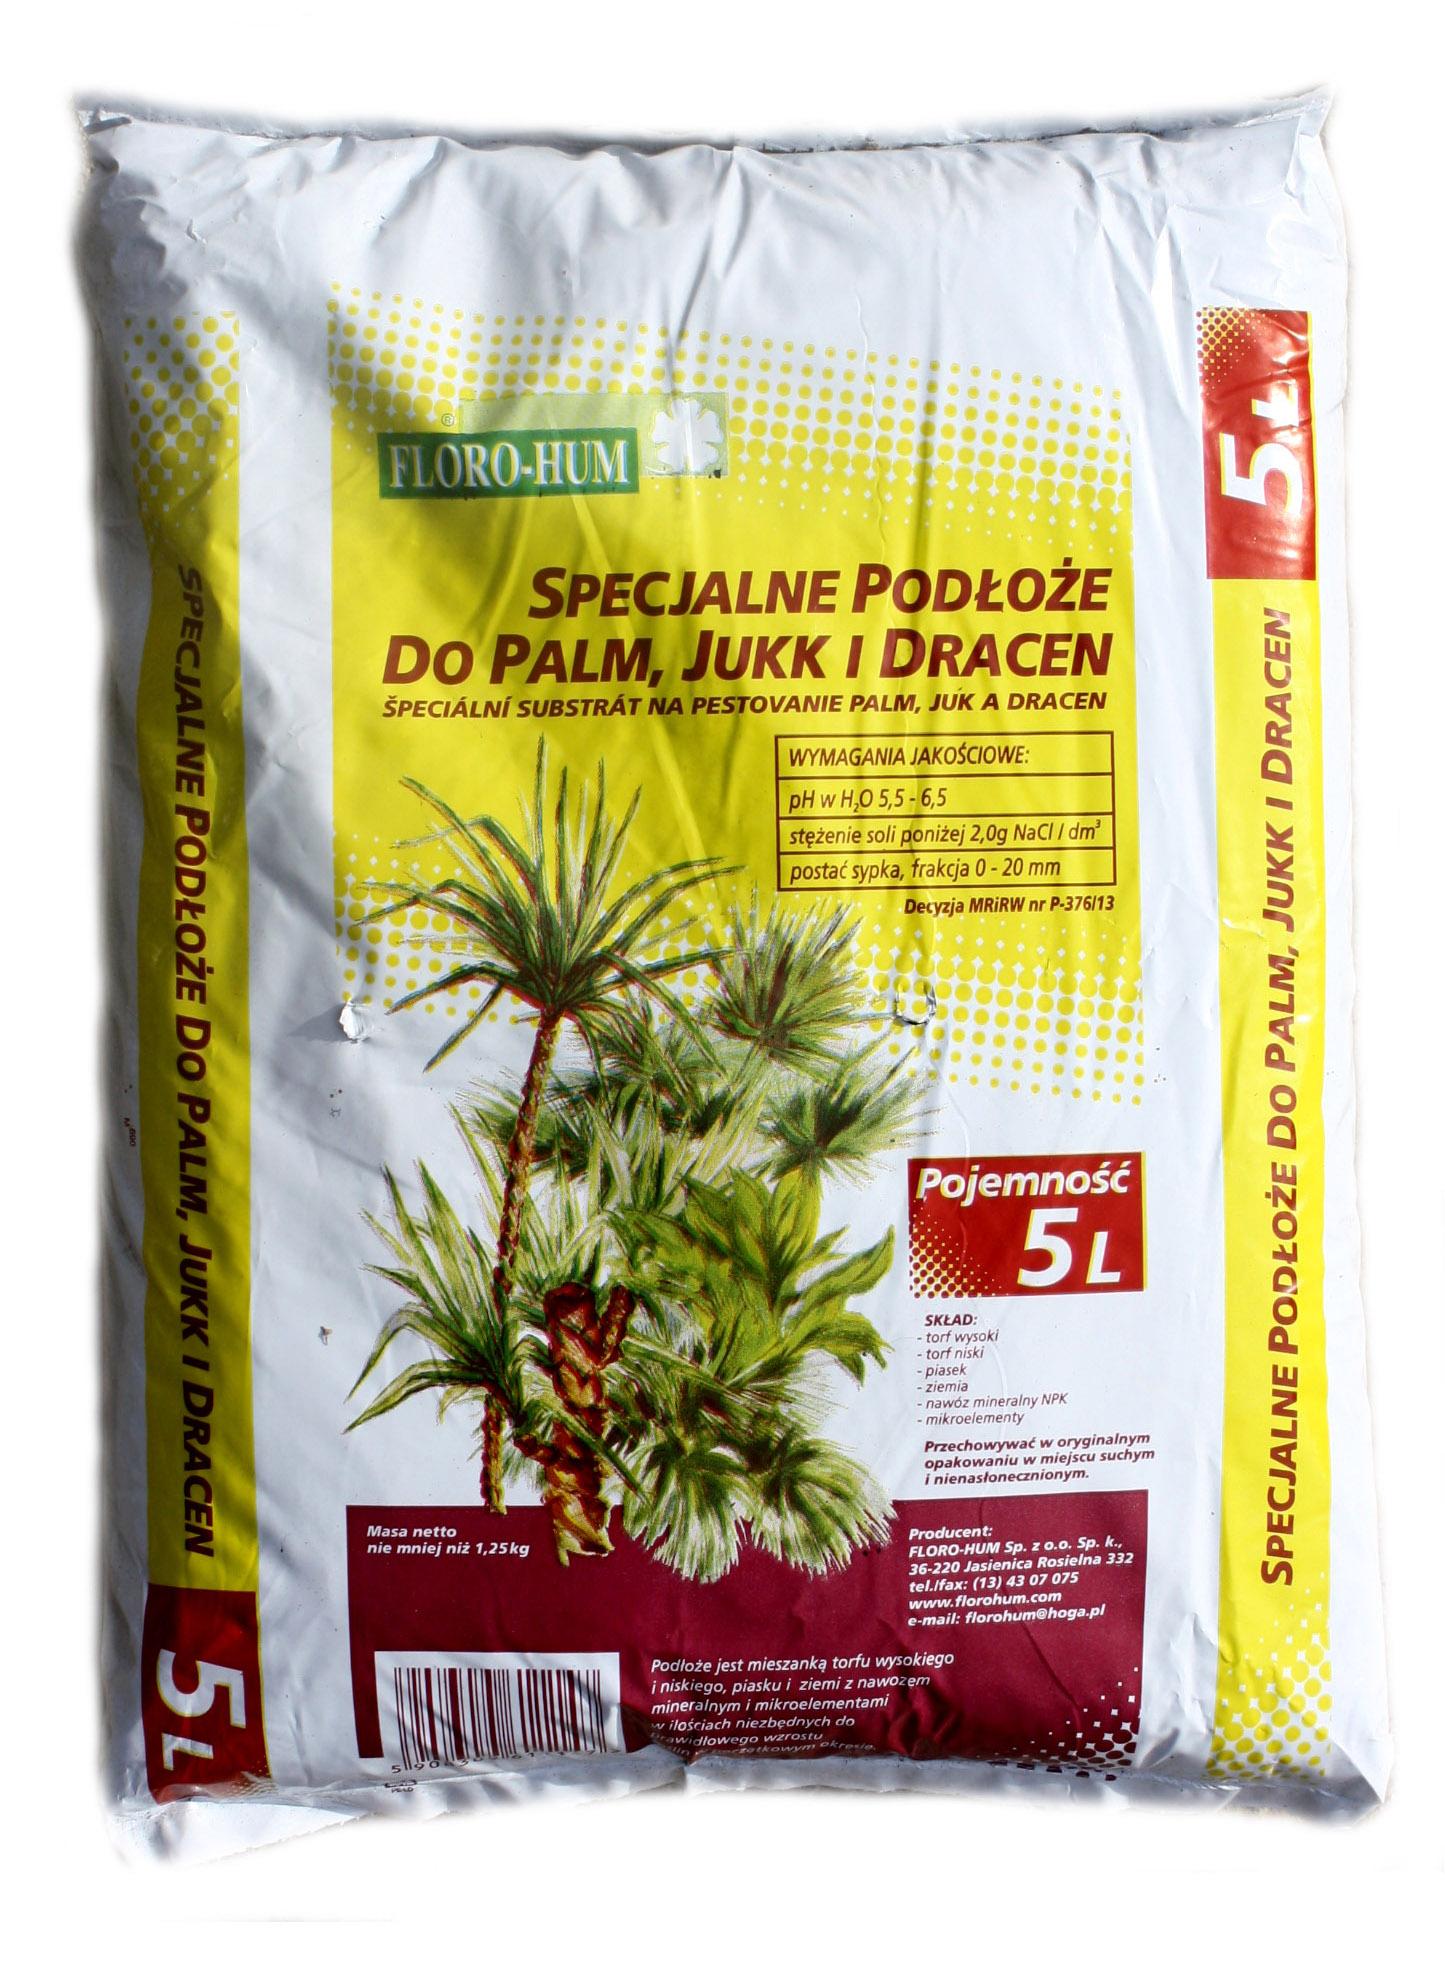 Florohum Land Substrát pre Palm Jukk a Dracea 5 l